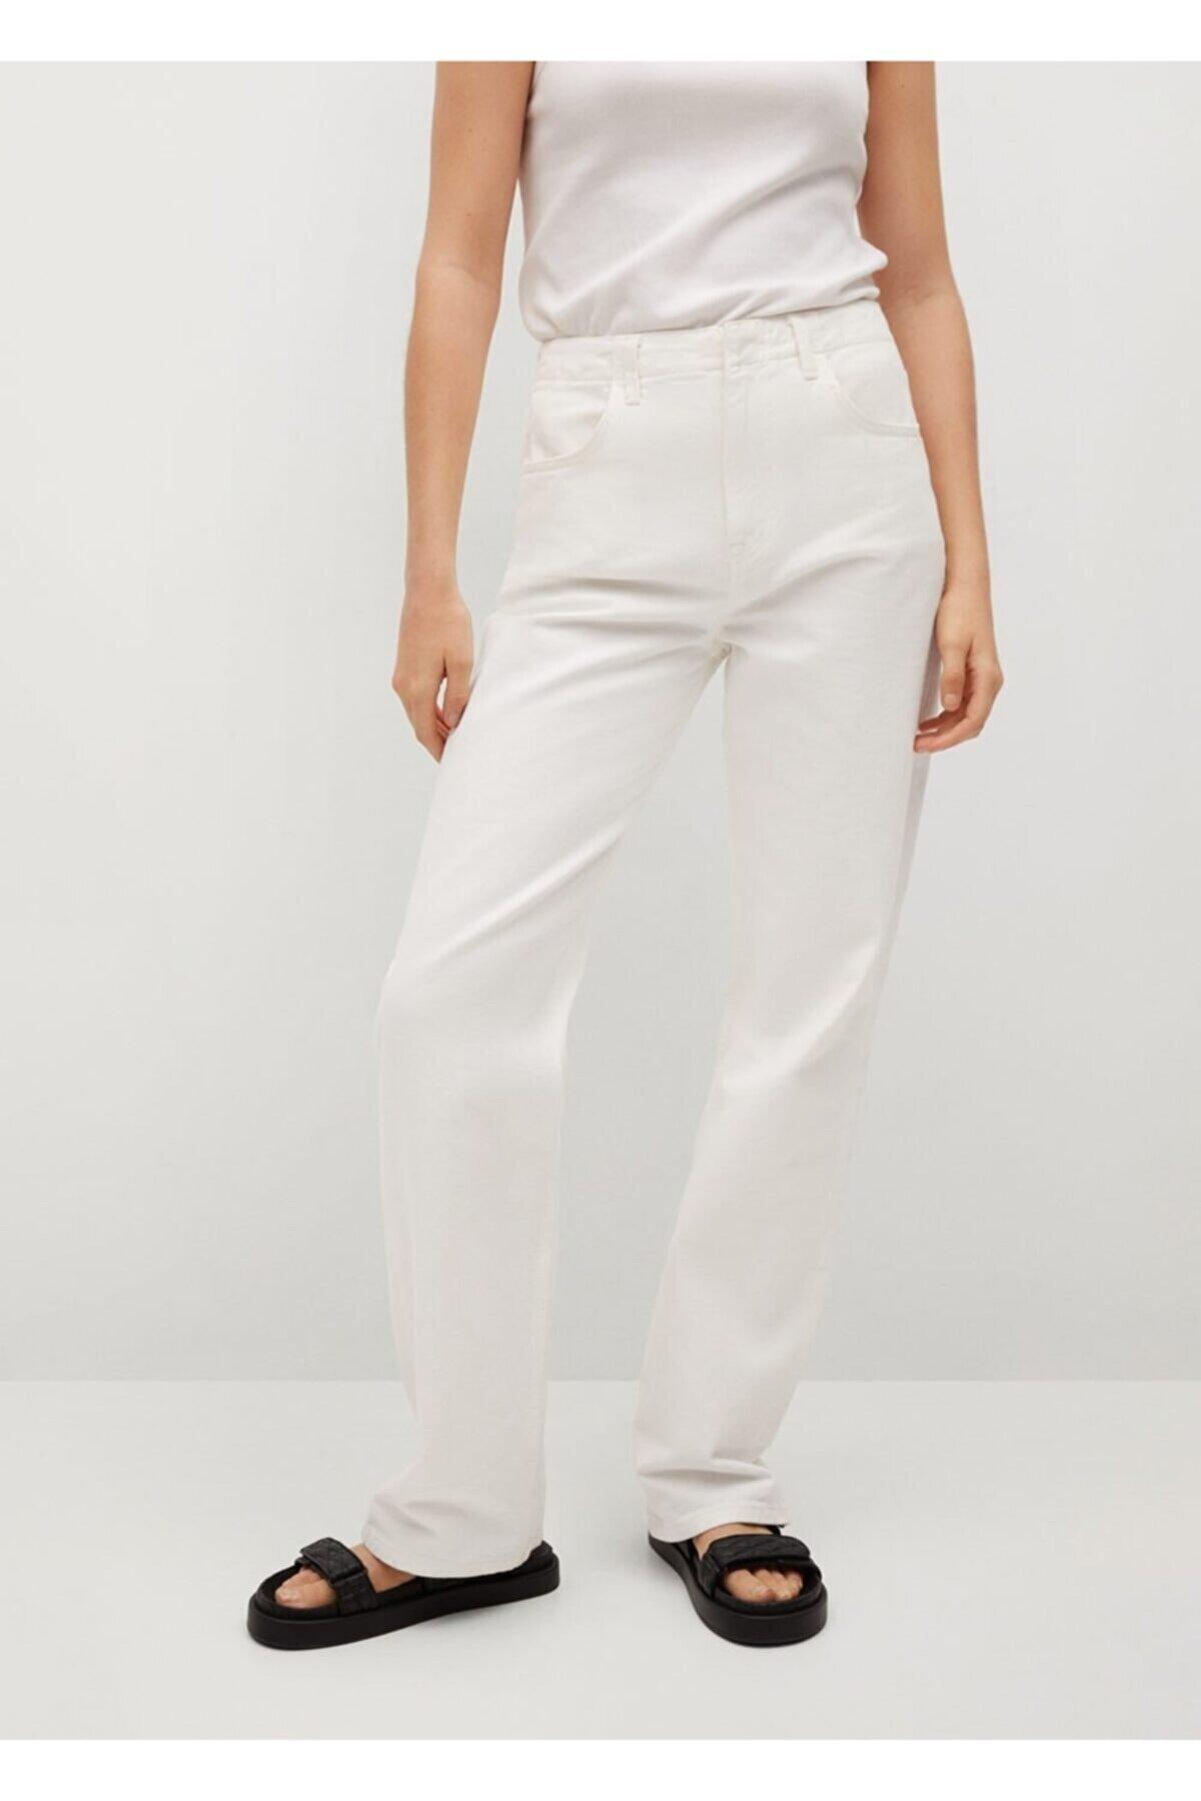 Mango Kadın Beyaz Bol Kesim Yüksek Bel Jean Pantolon